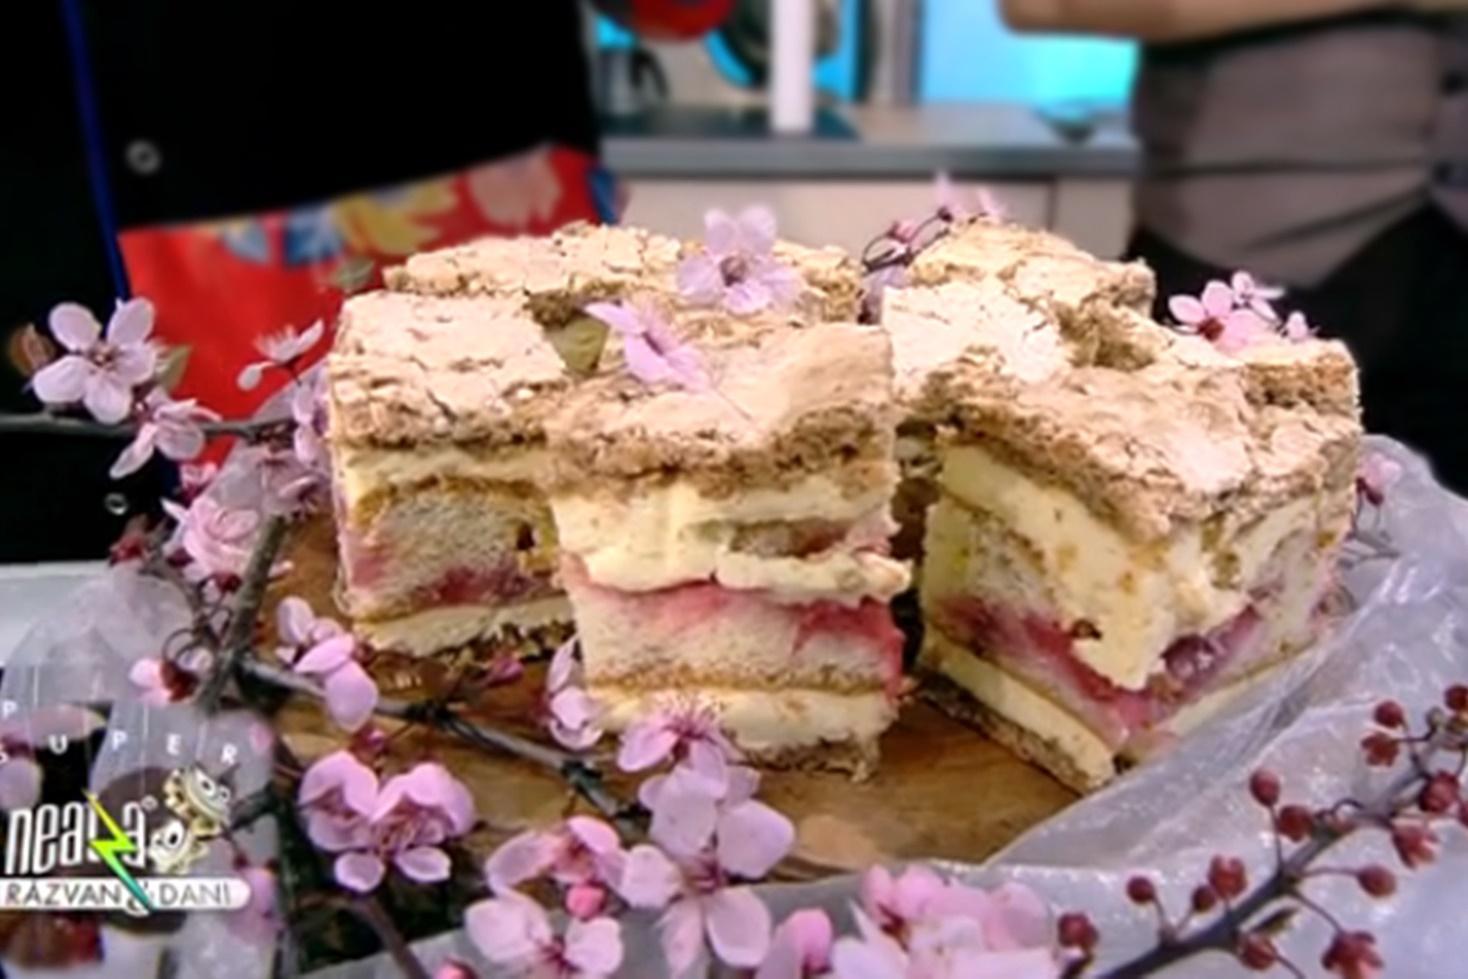 Prăjitura Ramona, preparată de Vlăduț la Super Neatza